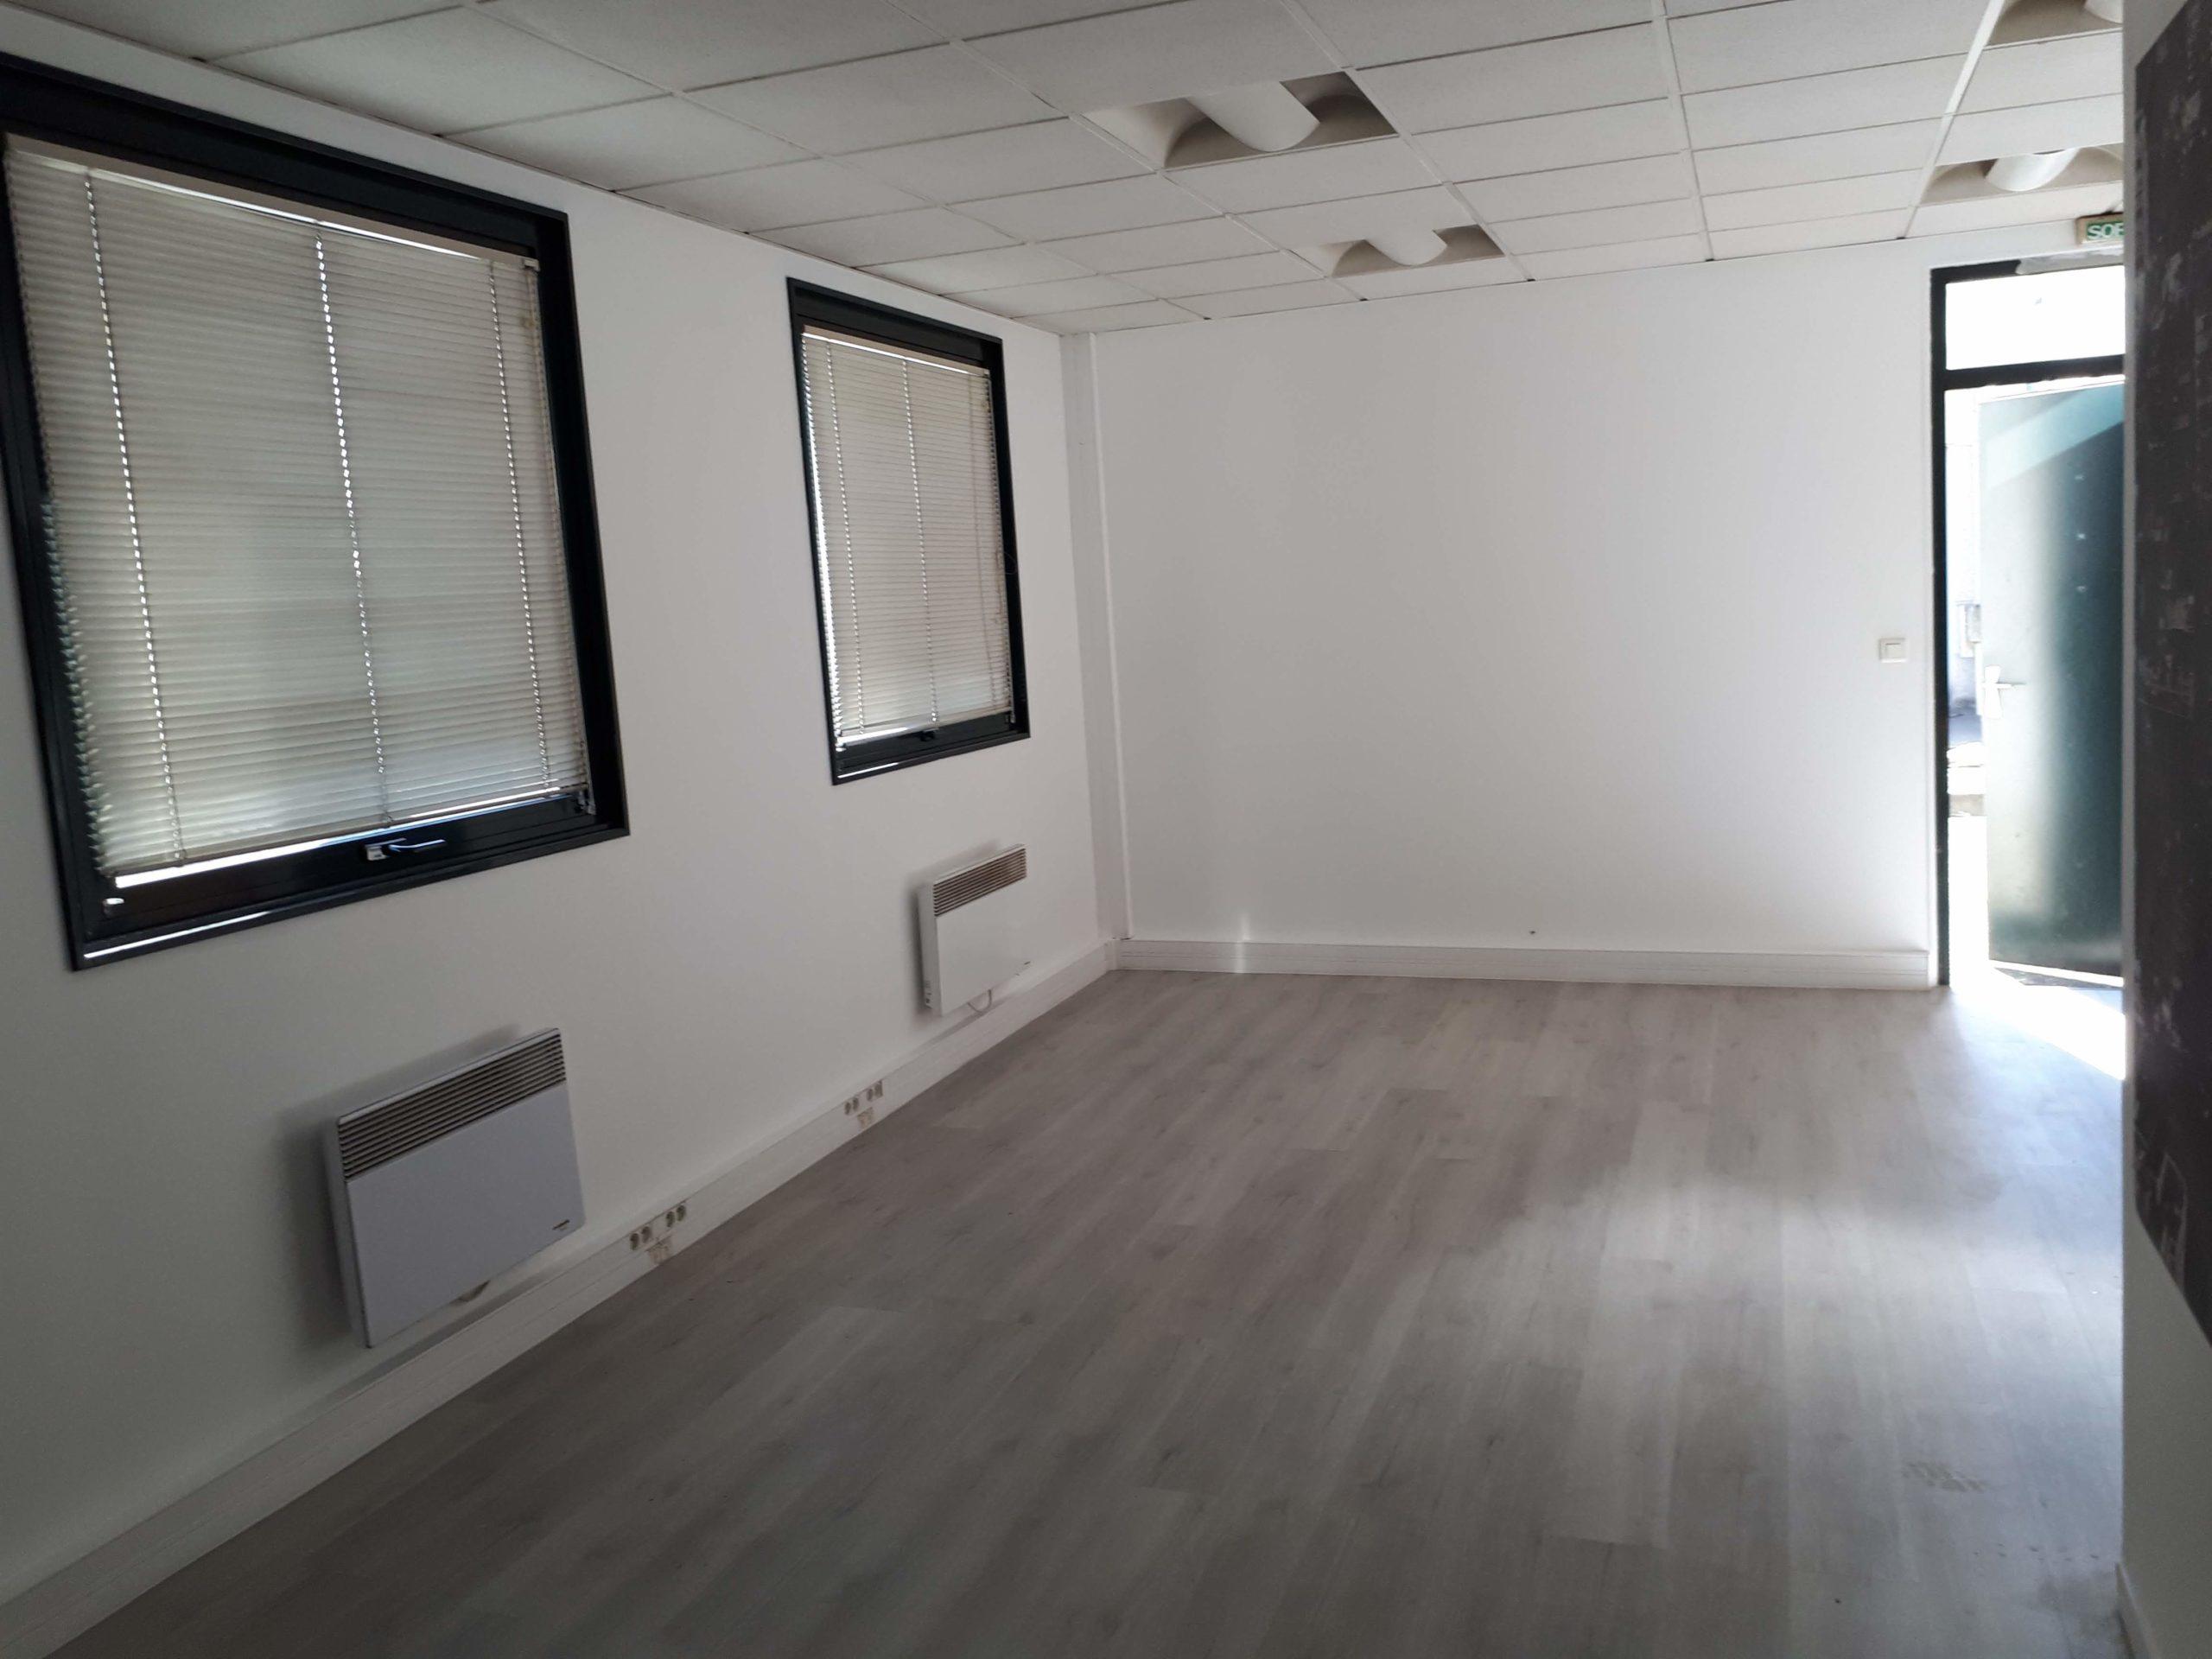 Rafraichissement de bureaux Créteil, sols pvc, peinture blanche sur les murs